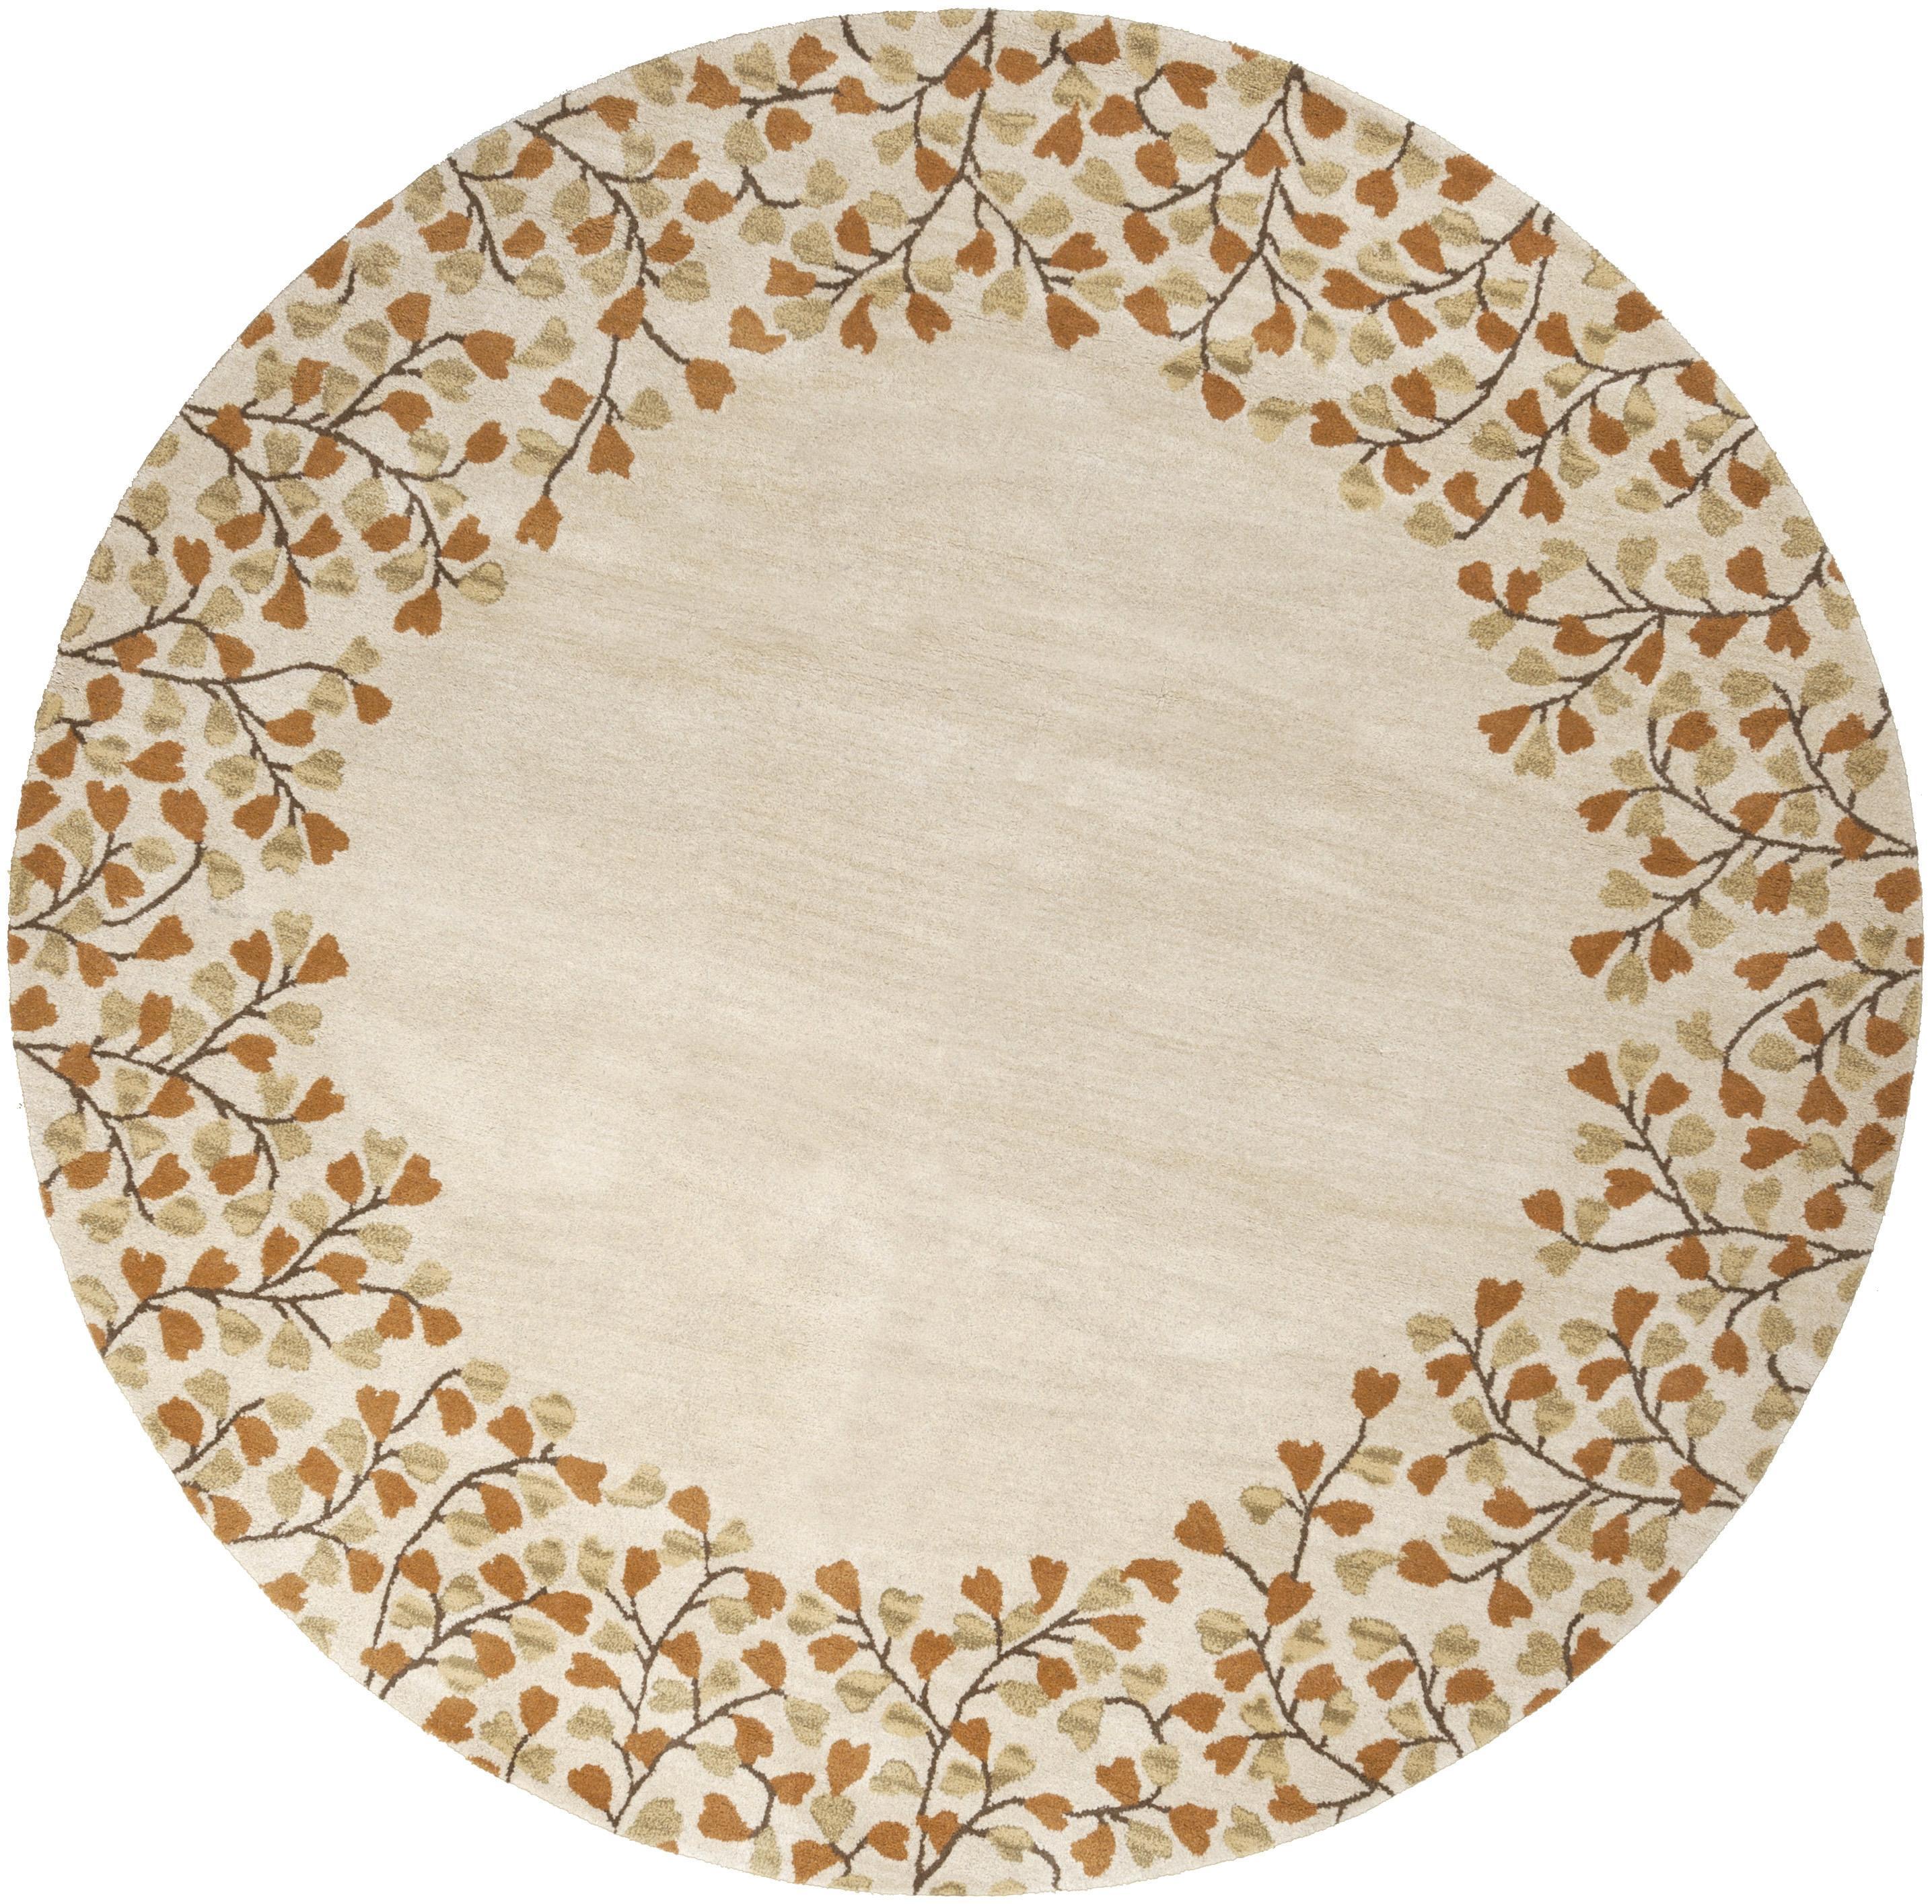 Surya Athena 6' Round - Item Number: ATH5118-6RD